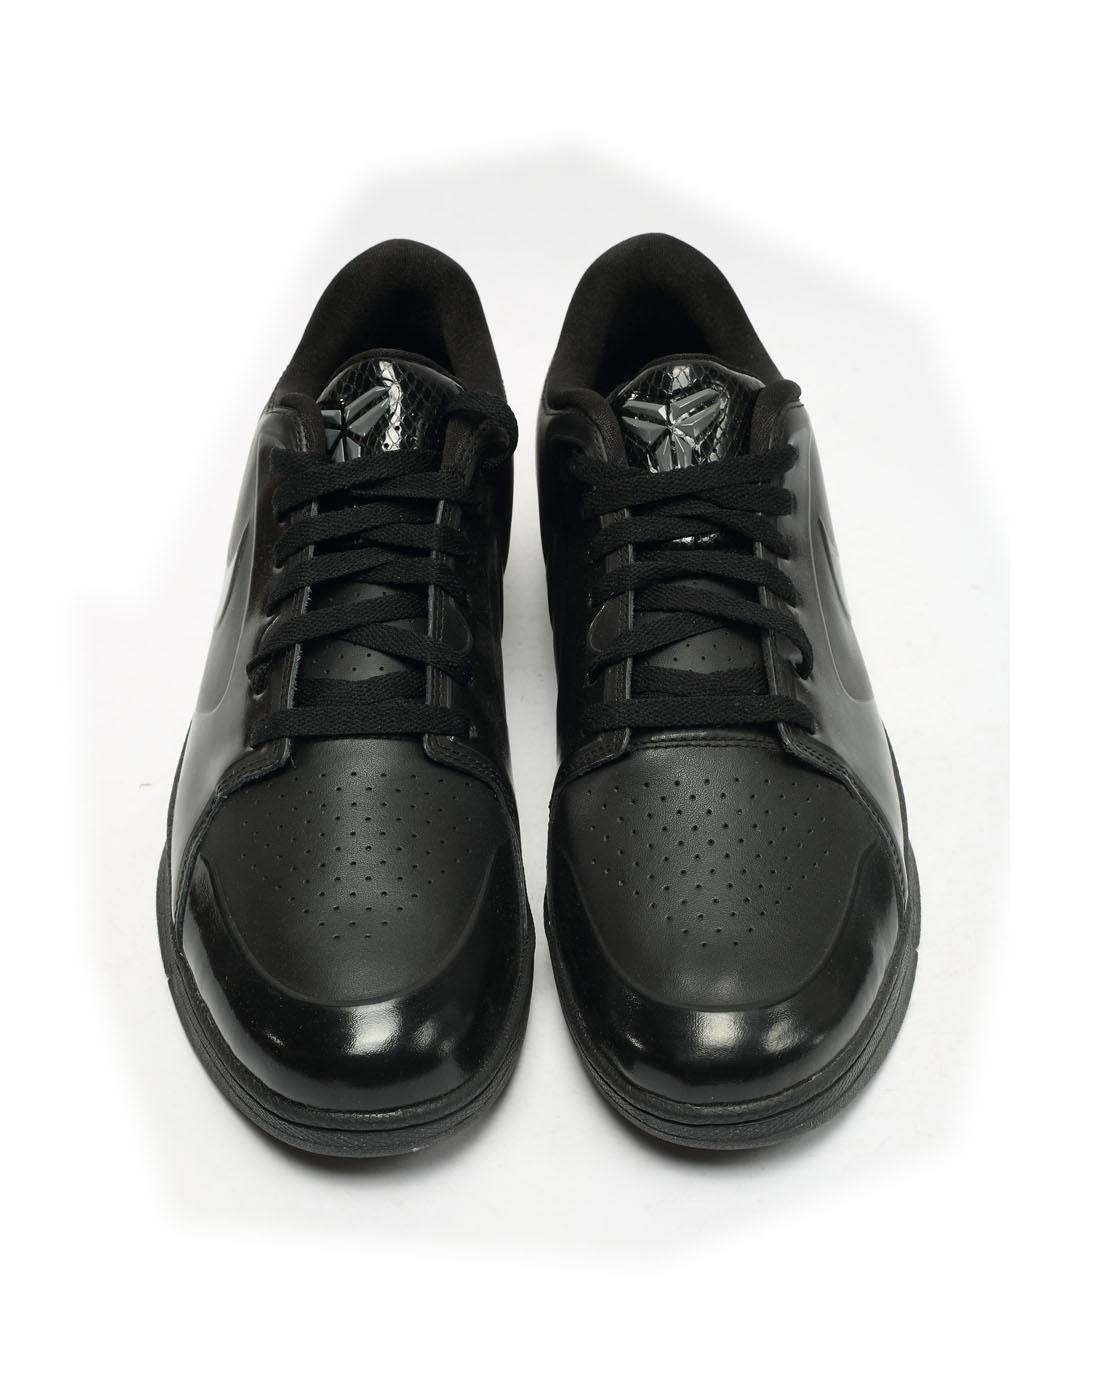 耐克nike-男子黑色篮球鞋442470-003